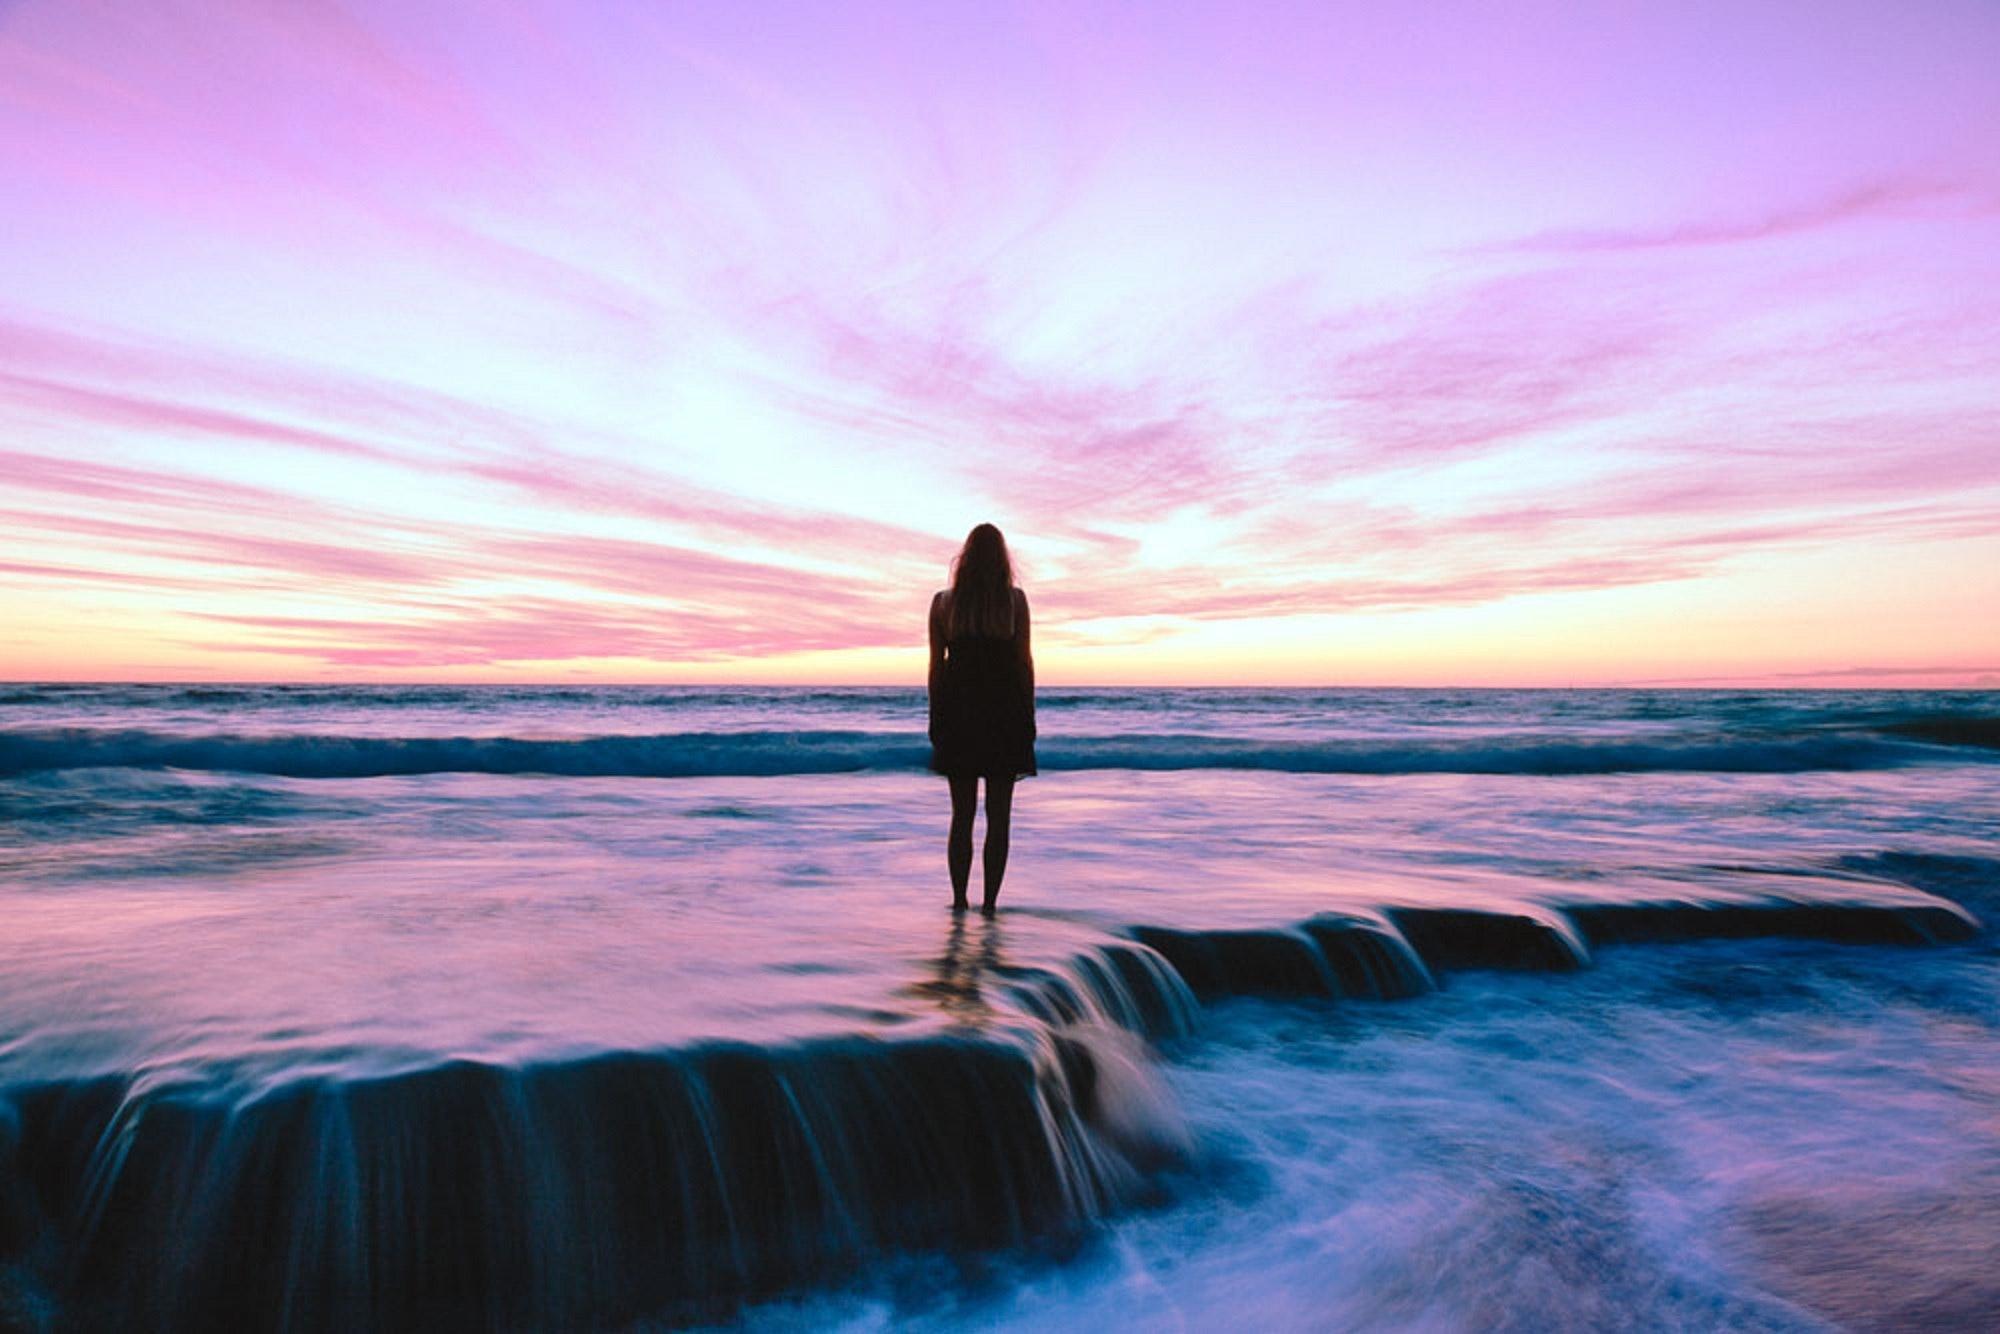 beach-dawn-dusk-274053.jpg